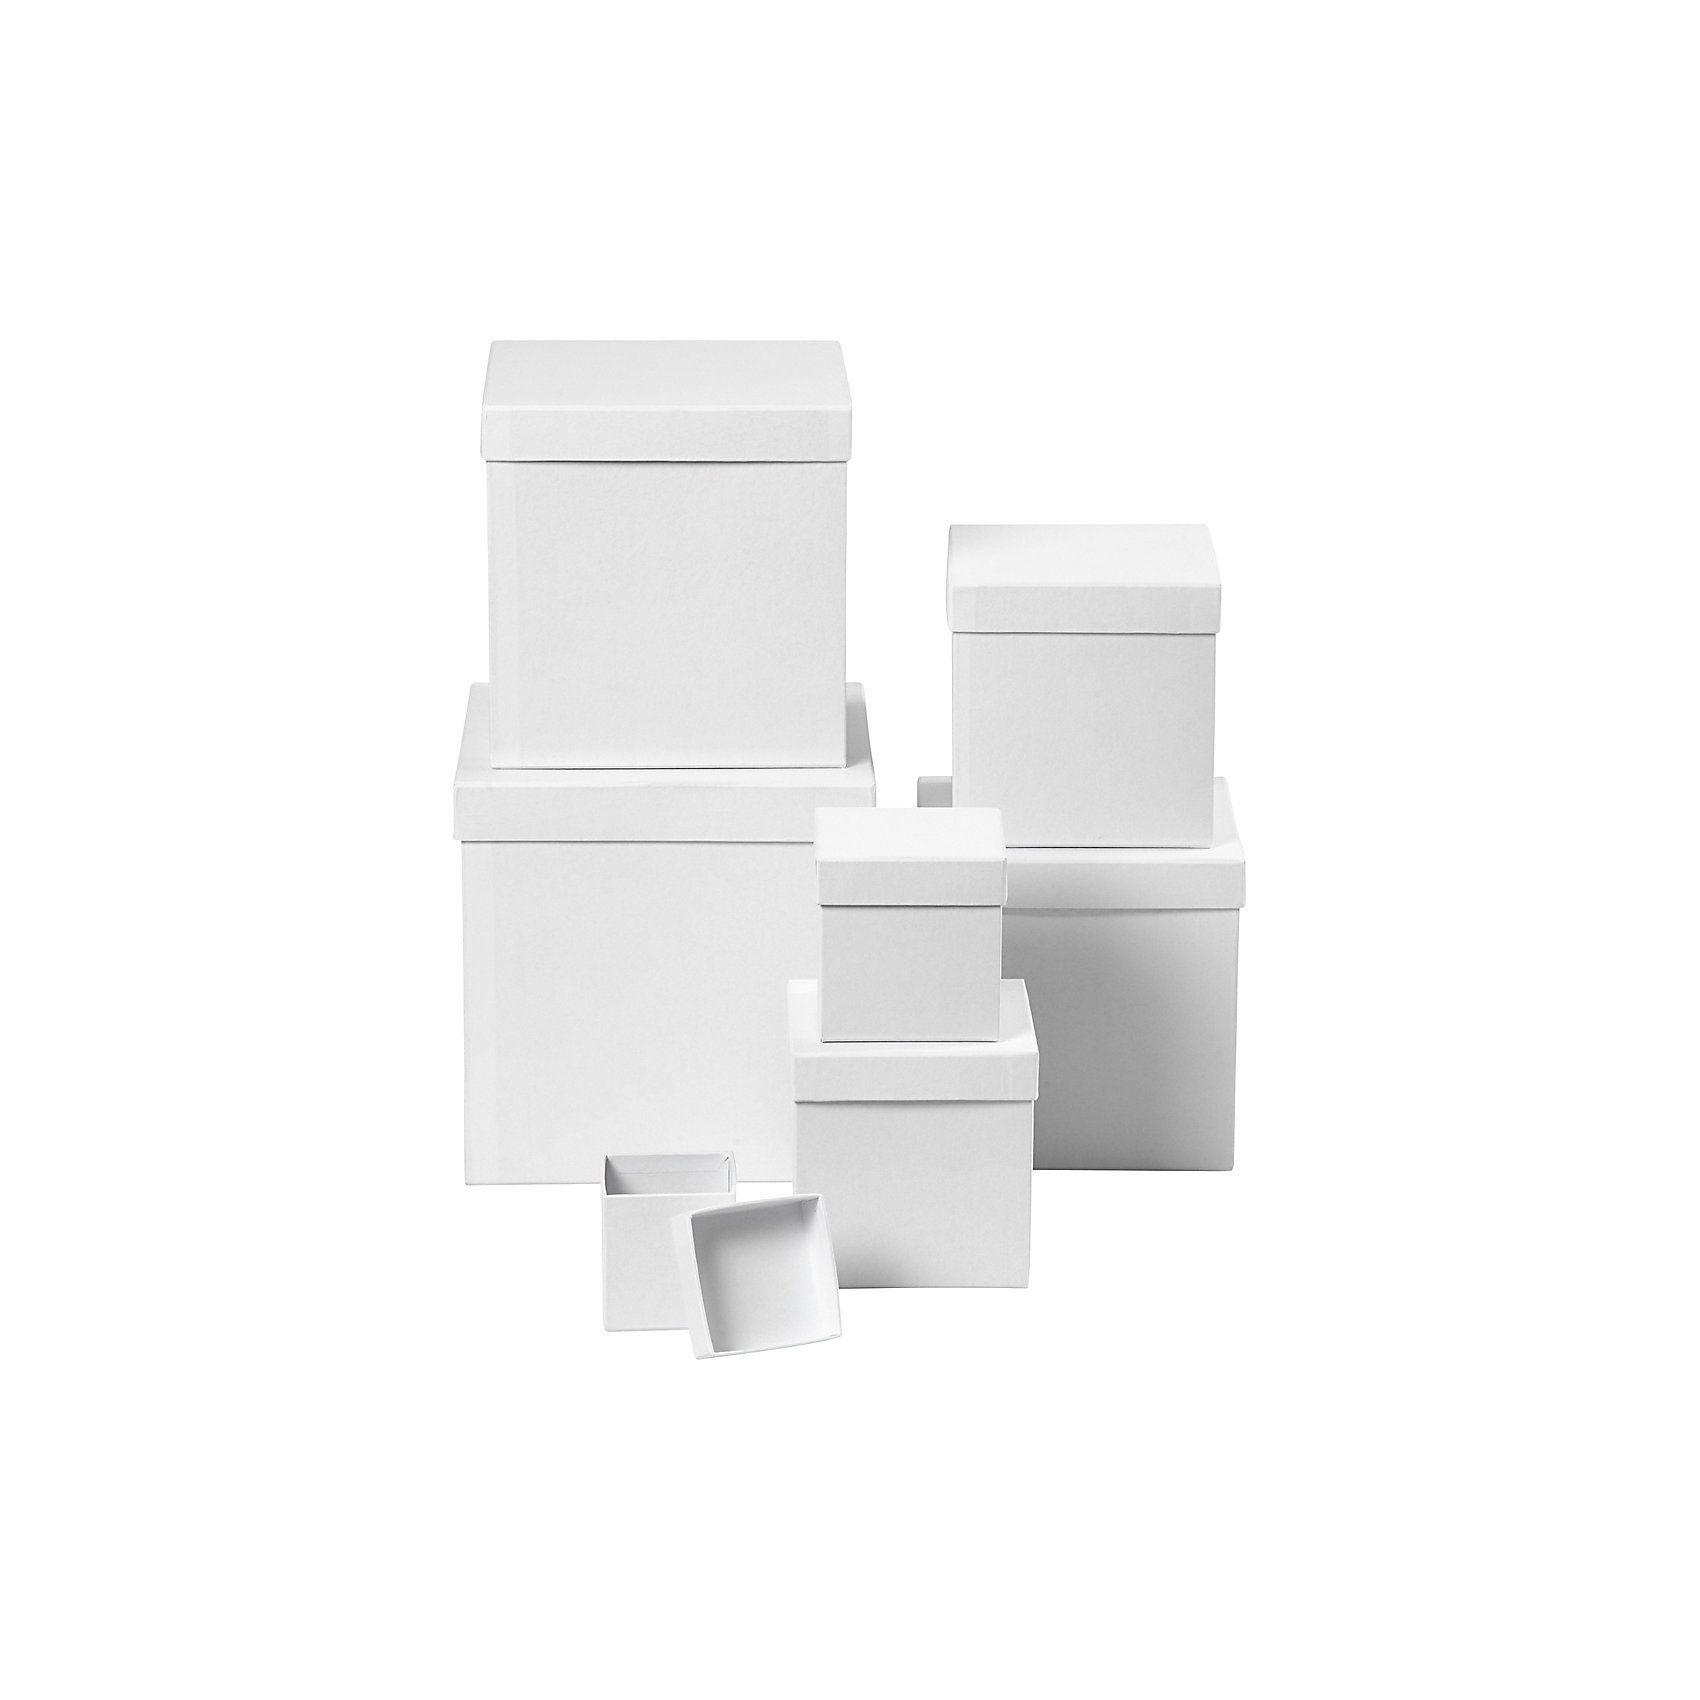 Quadratische Kartons, Größe 7,5+10+13+15+18+20+23 cm, H 7,5+